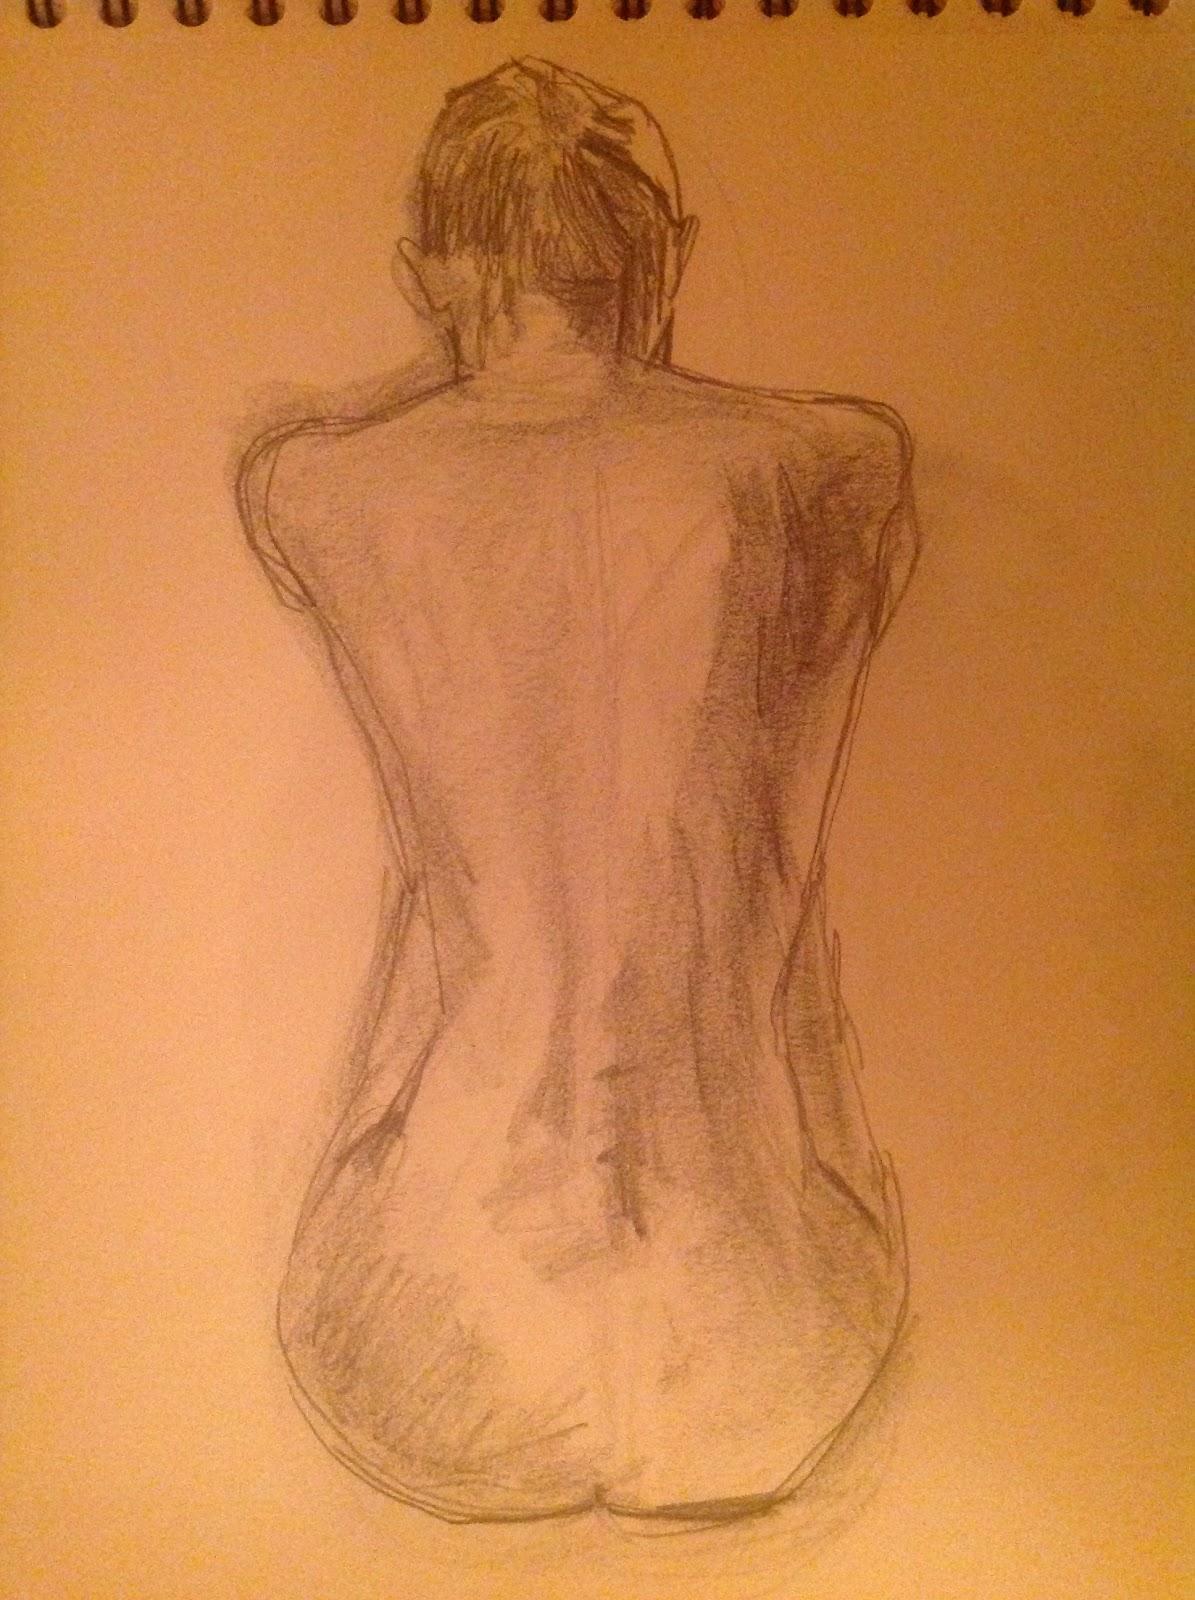 Crónica de un autodidacta del dibujo.: Un buen libro de anatomía